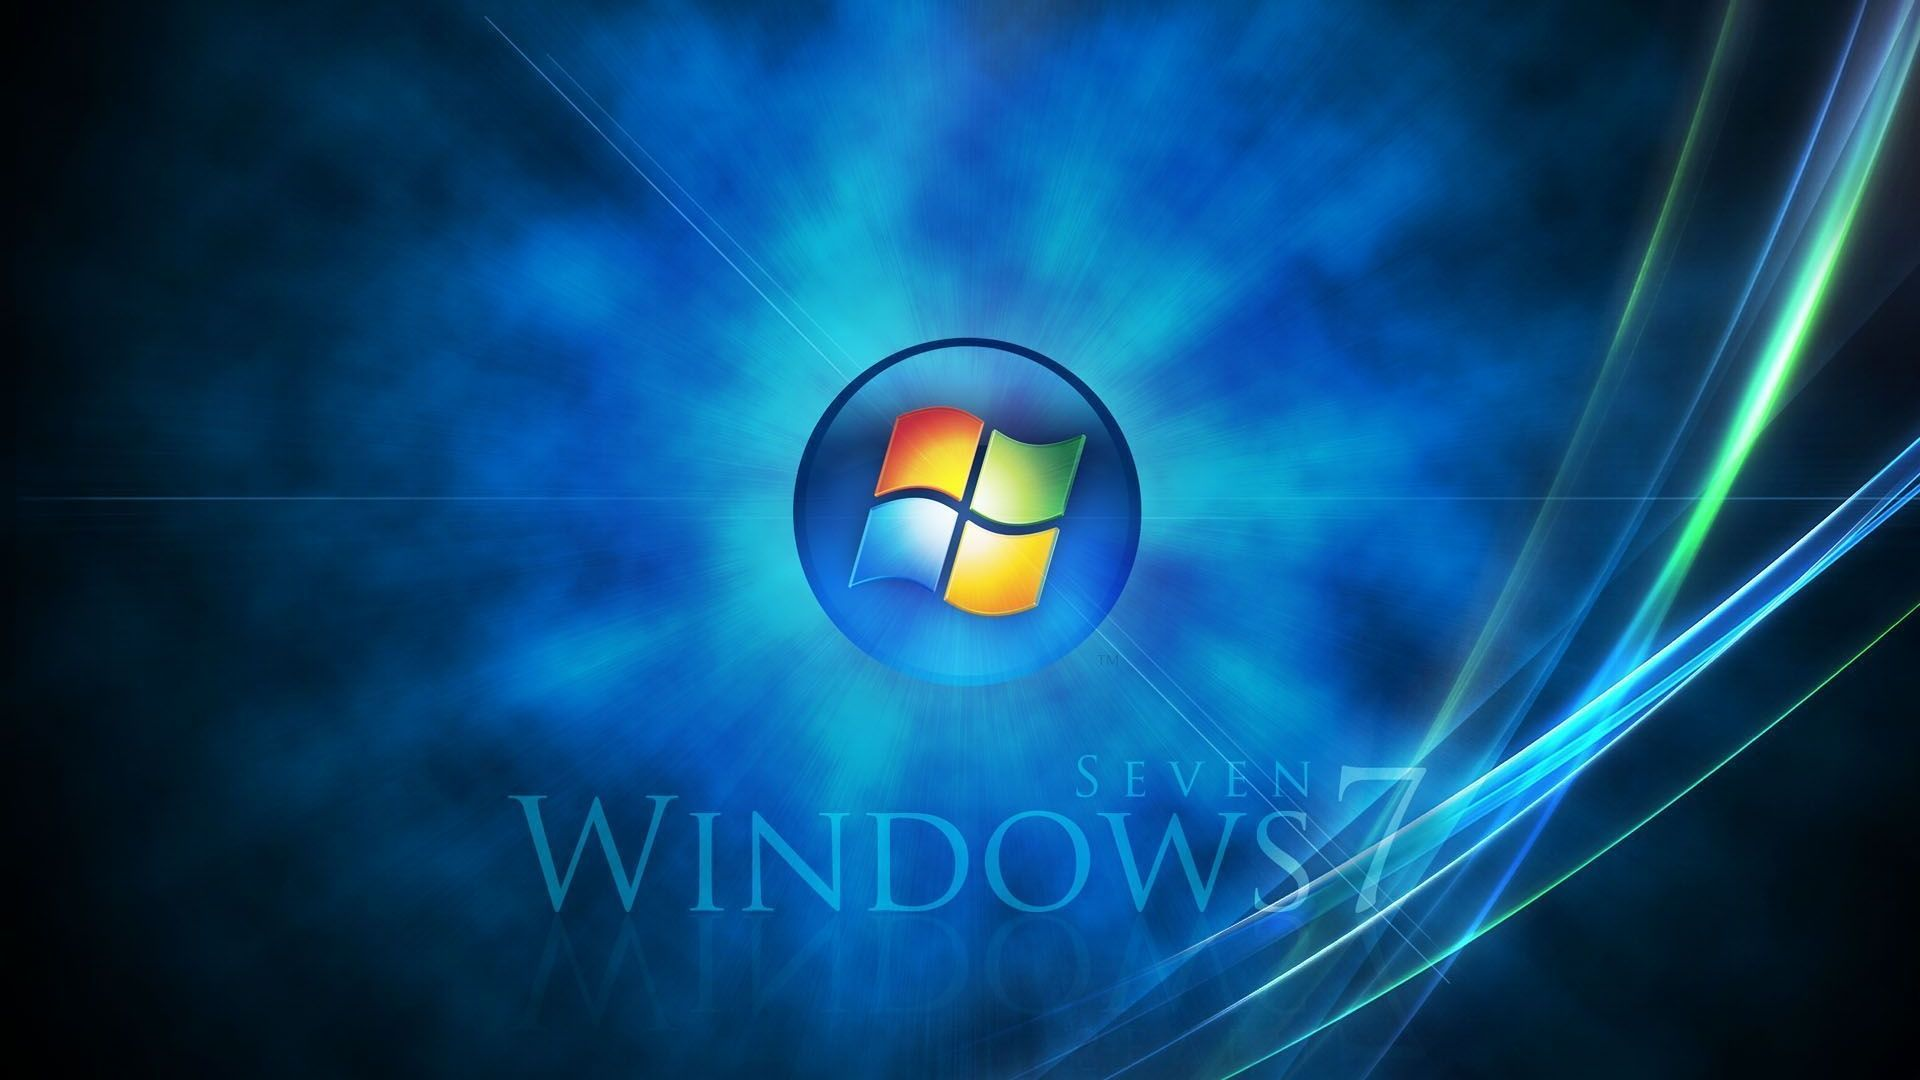 Windows 7 Hd Wallpapers 1080p - WallpaperSafari